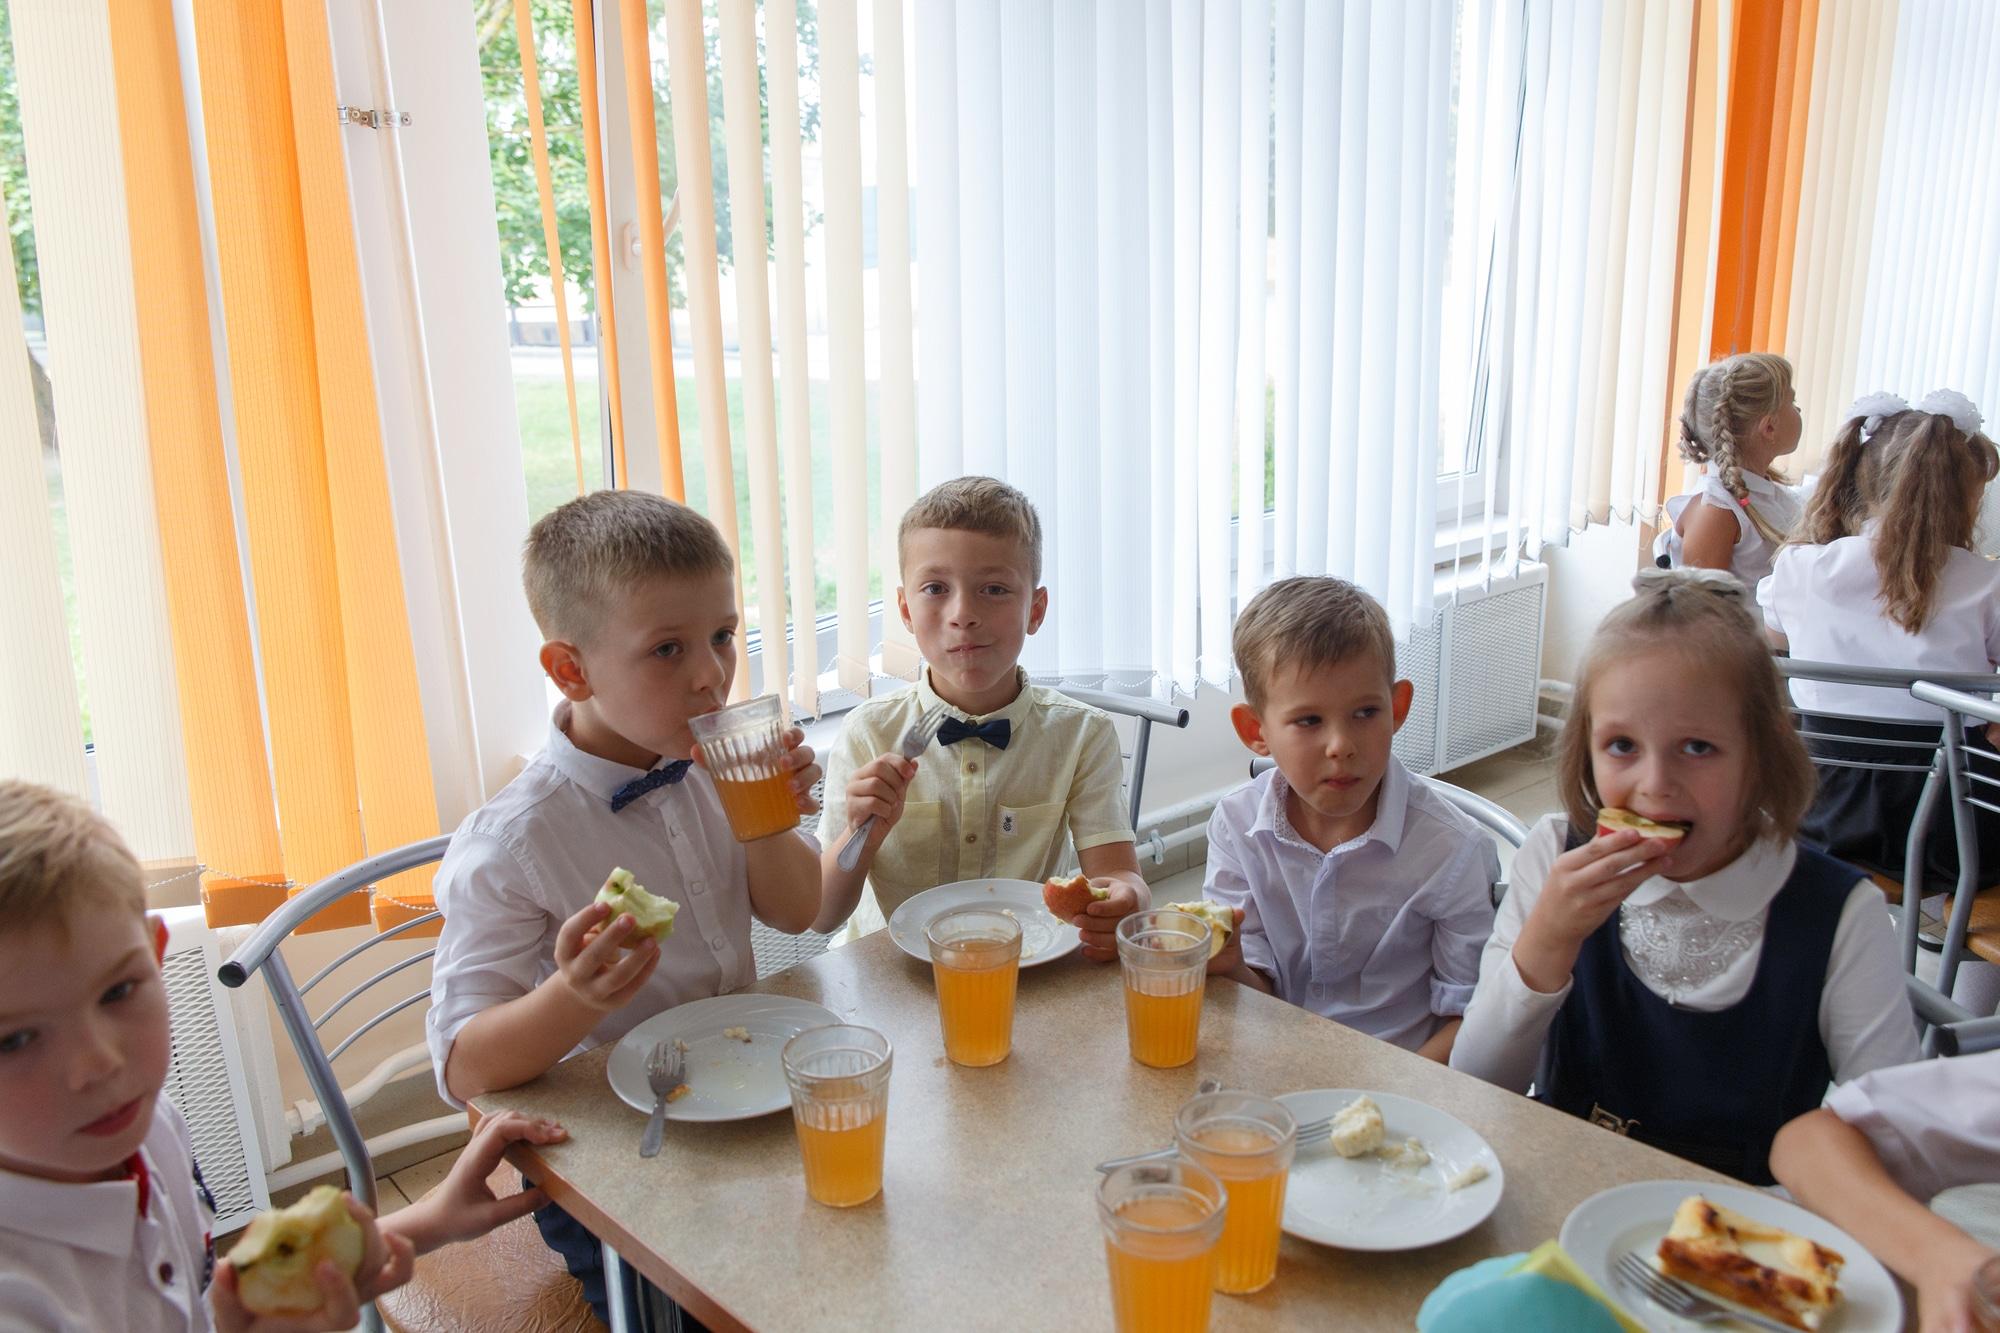 Разбираем закон о бесплатном питании для школьников: смогут ли школы запустить его с 1 сентября?